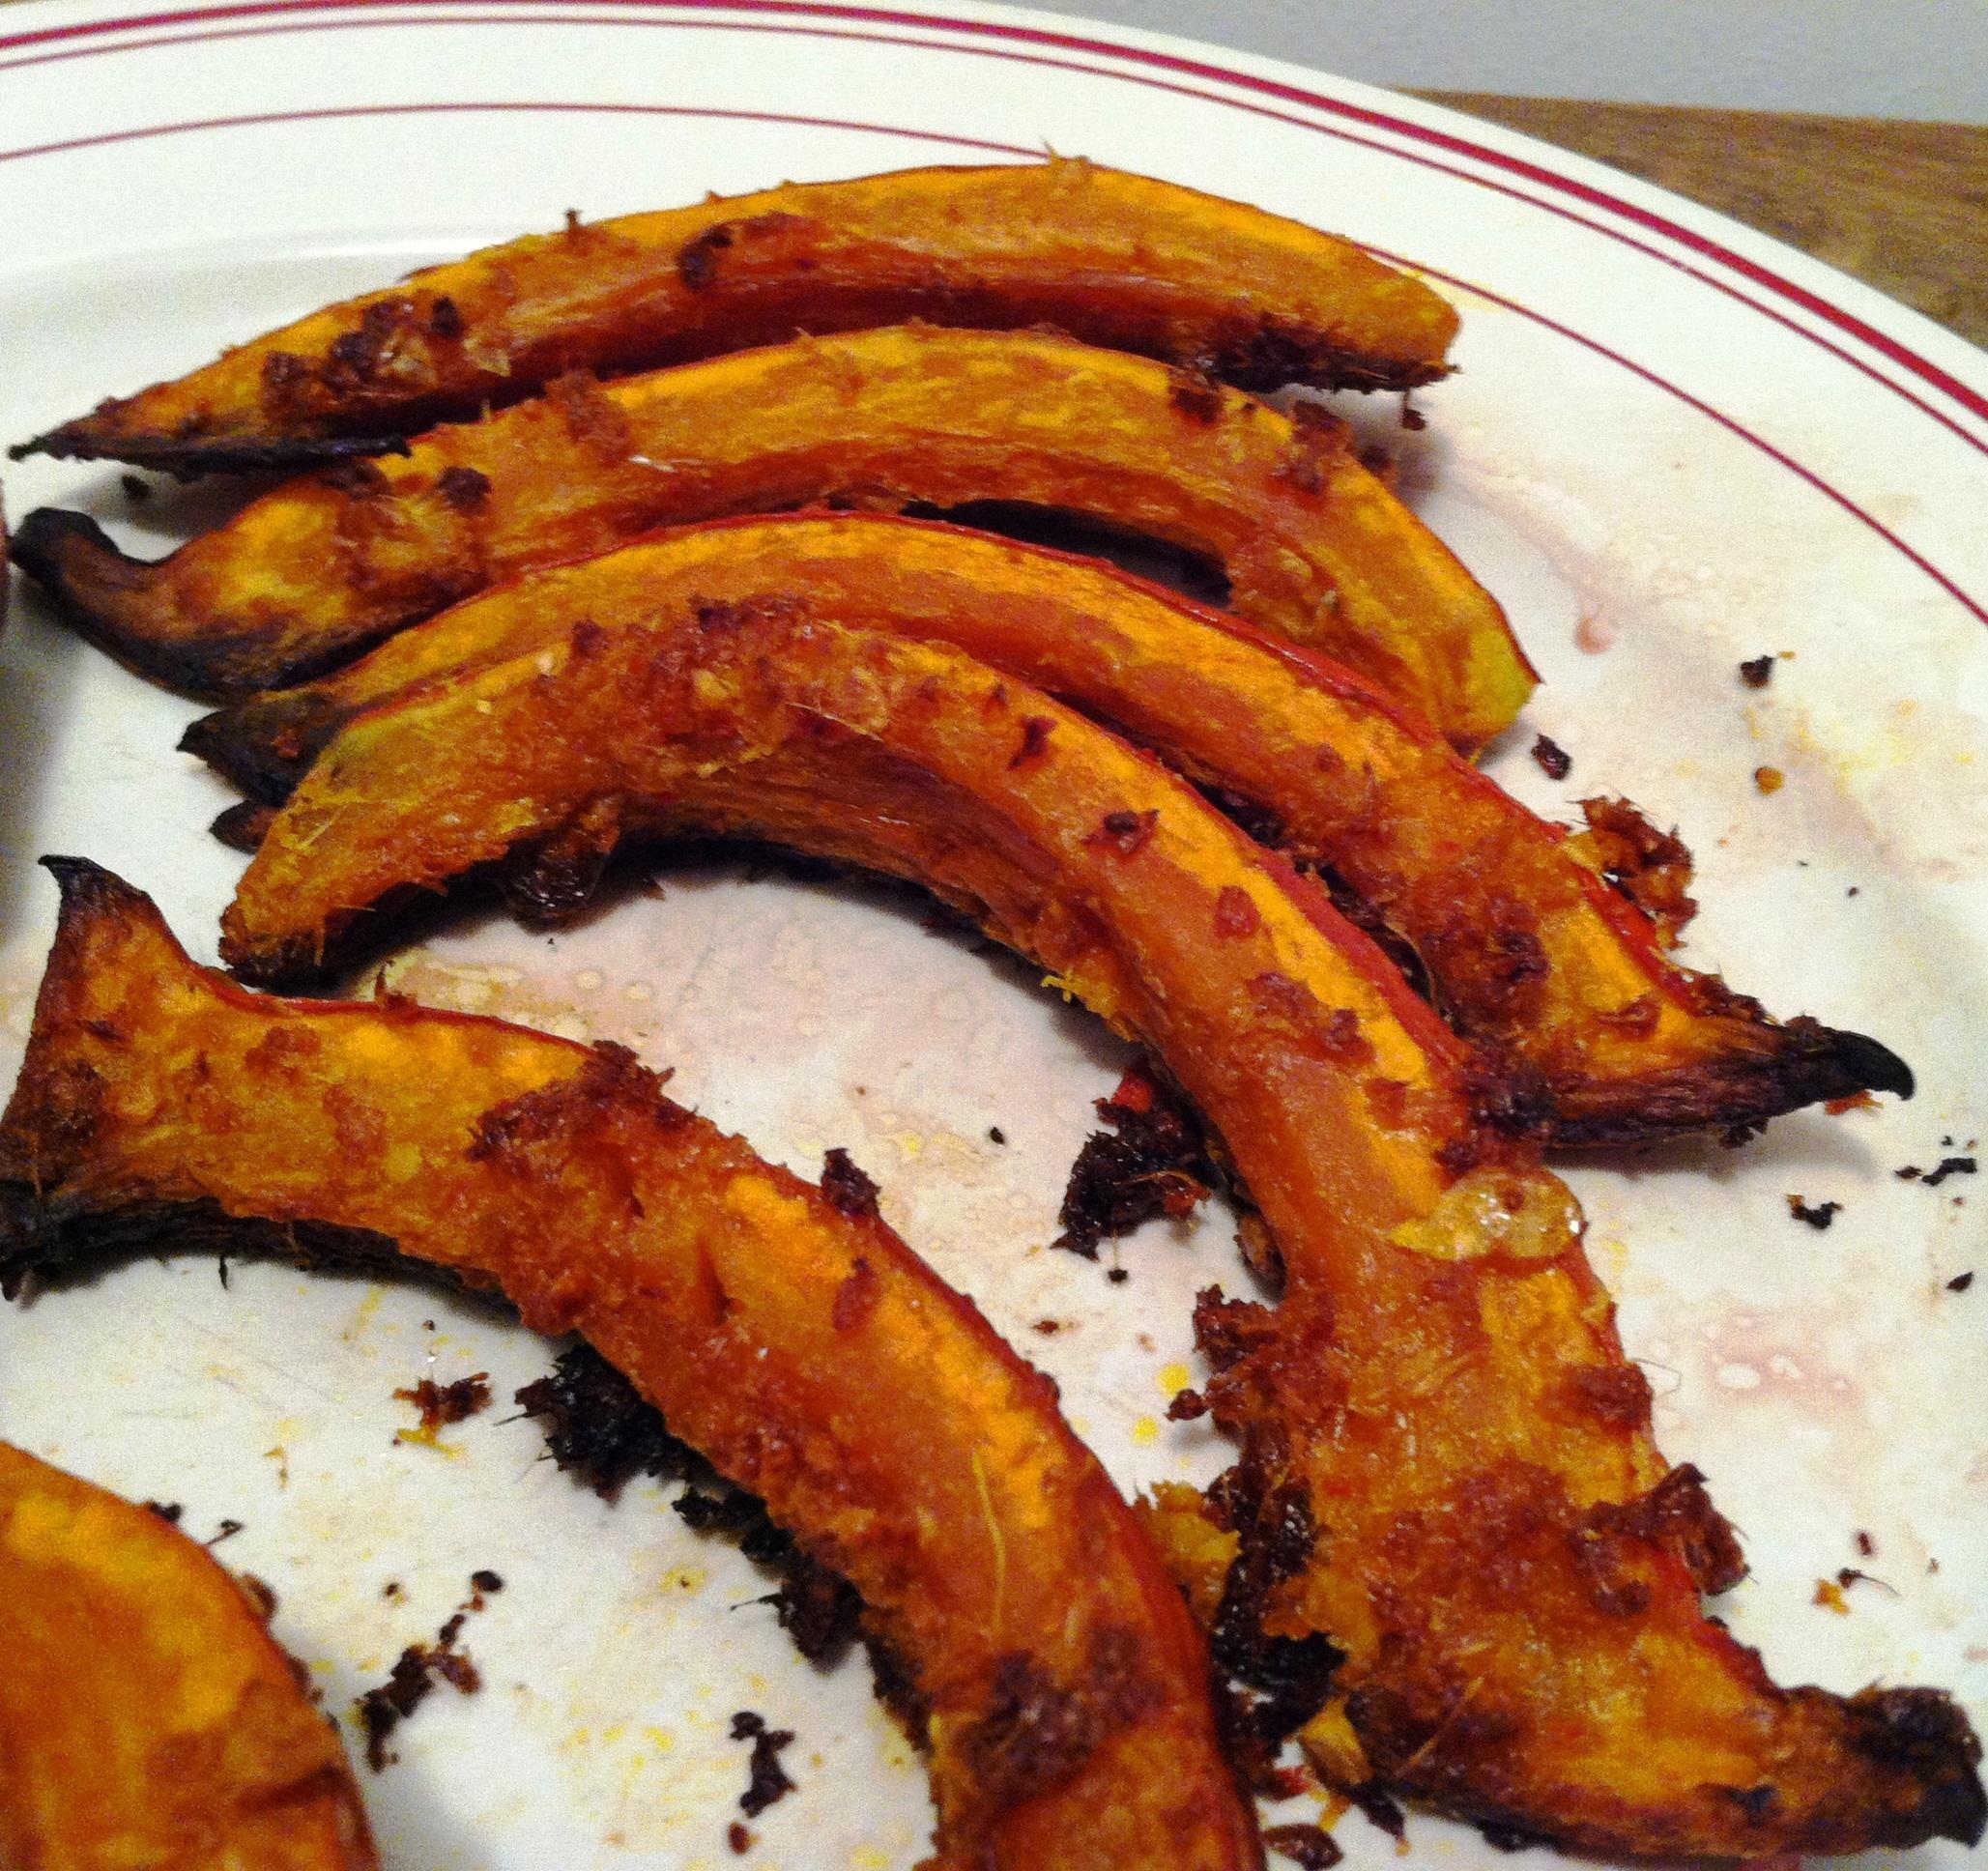 Potimarron roti au four selon jamie oliver envie de cuisiner - Cuisiner un roti de boeuf au four ...